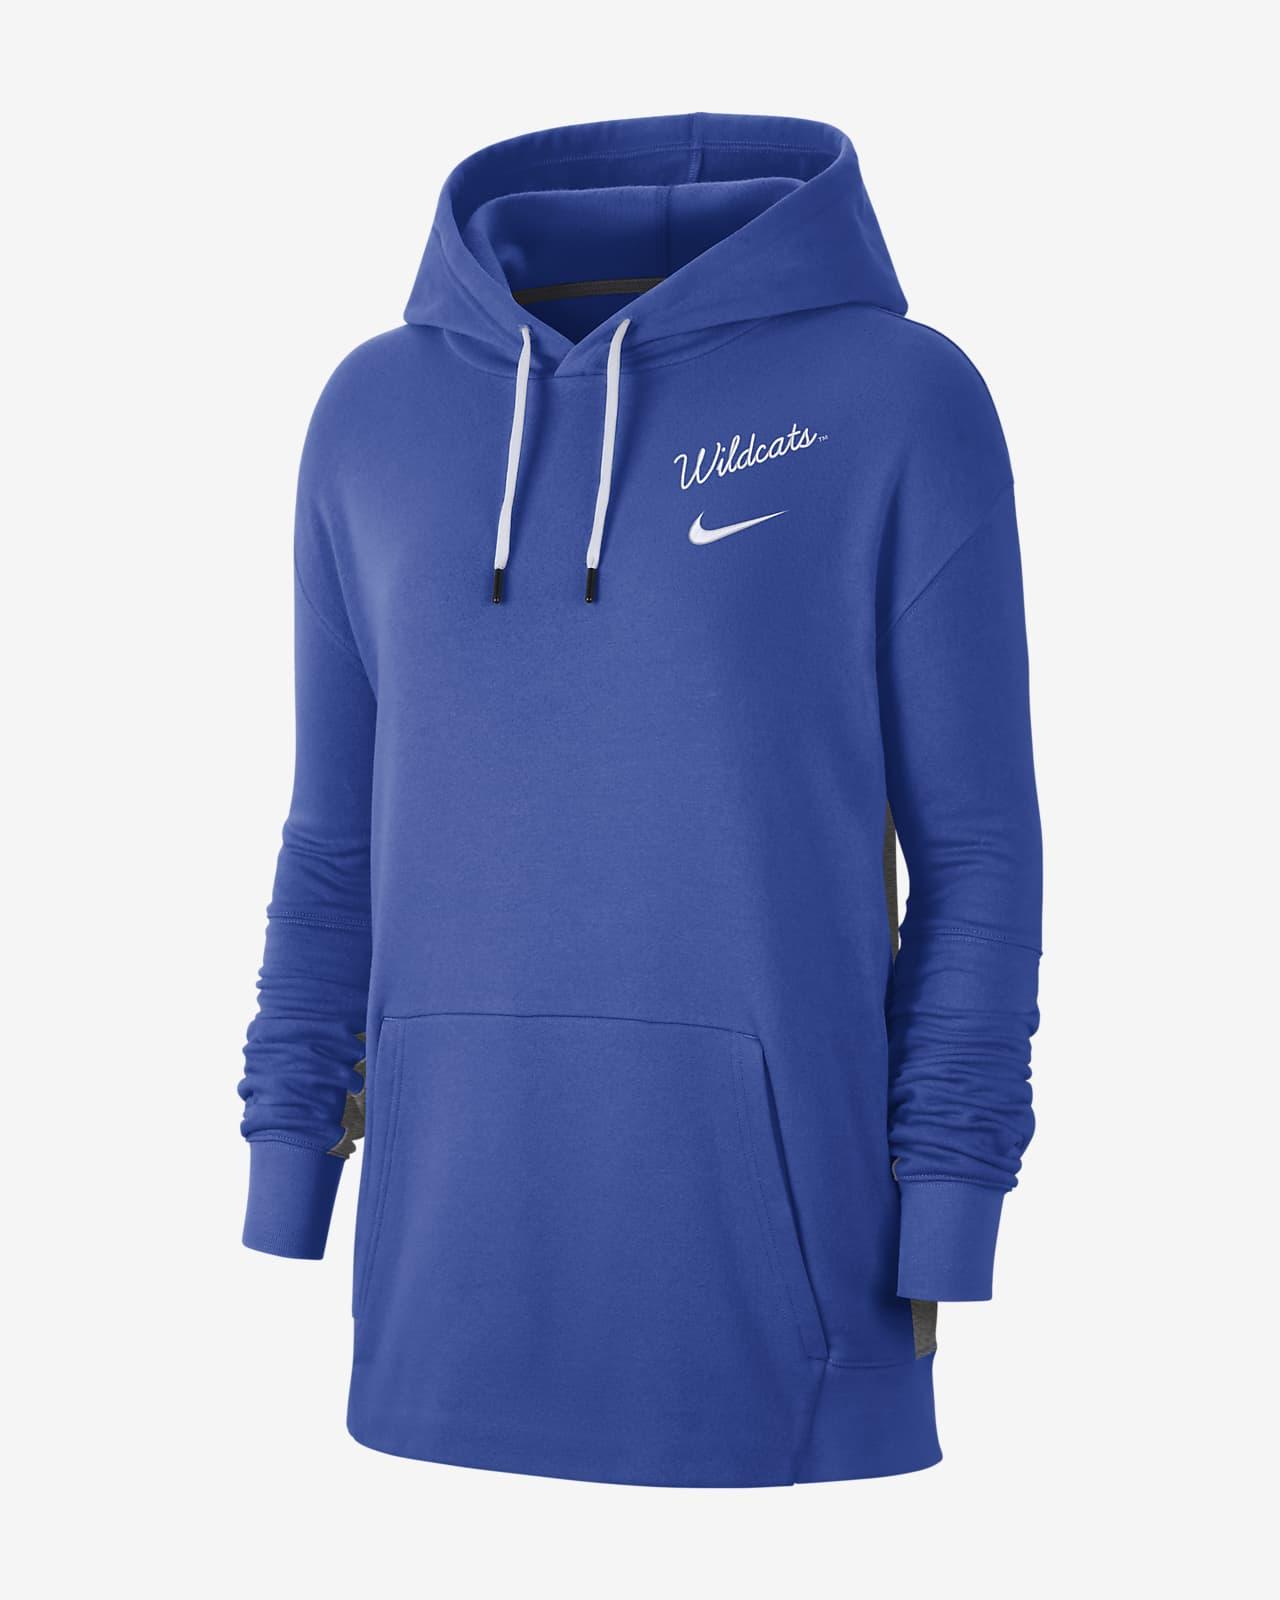 Nike College (Kentucky) Women's Fleece Pullover Hoodie